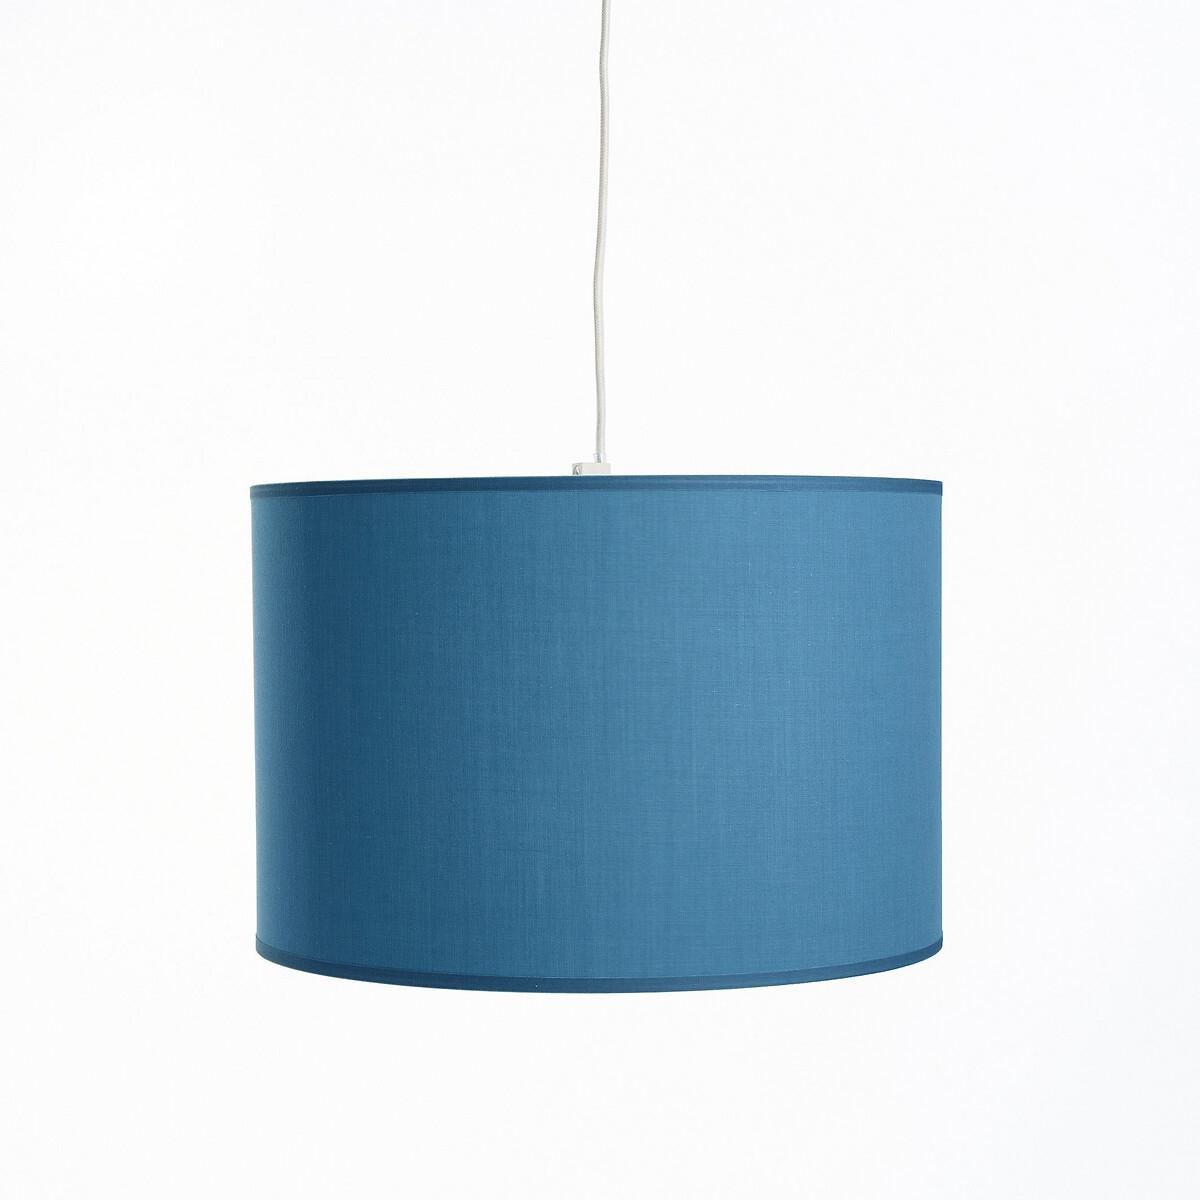 Светильник La Redoute Или абажур см Falke единый размер синий абажур la redoute с зигзагообразным узором wombat диаметр 35 см бежевый